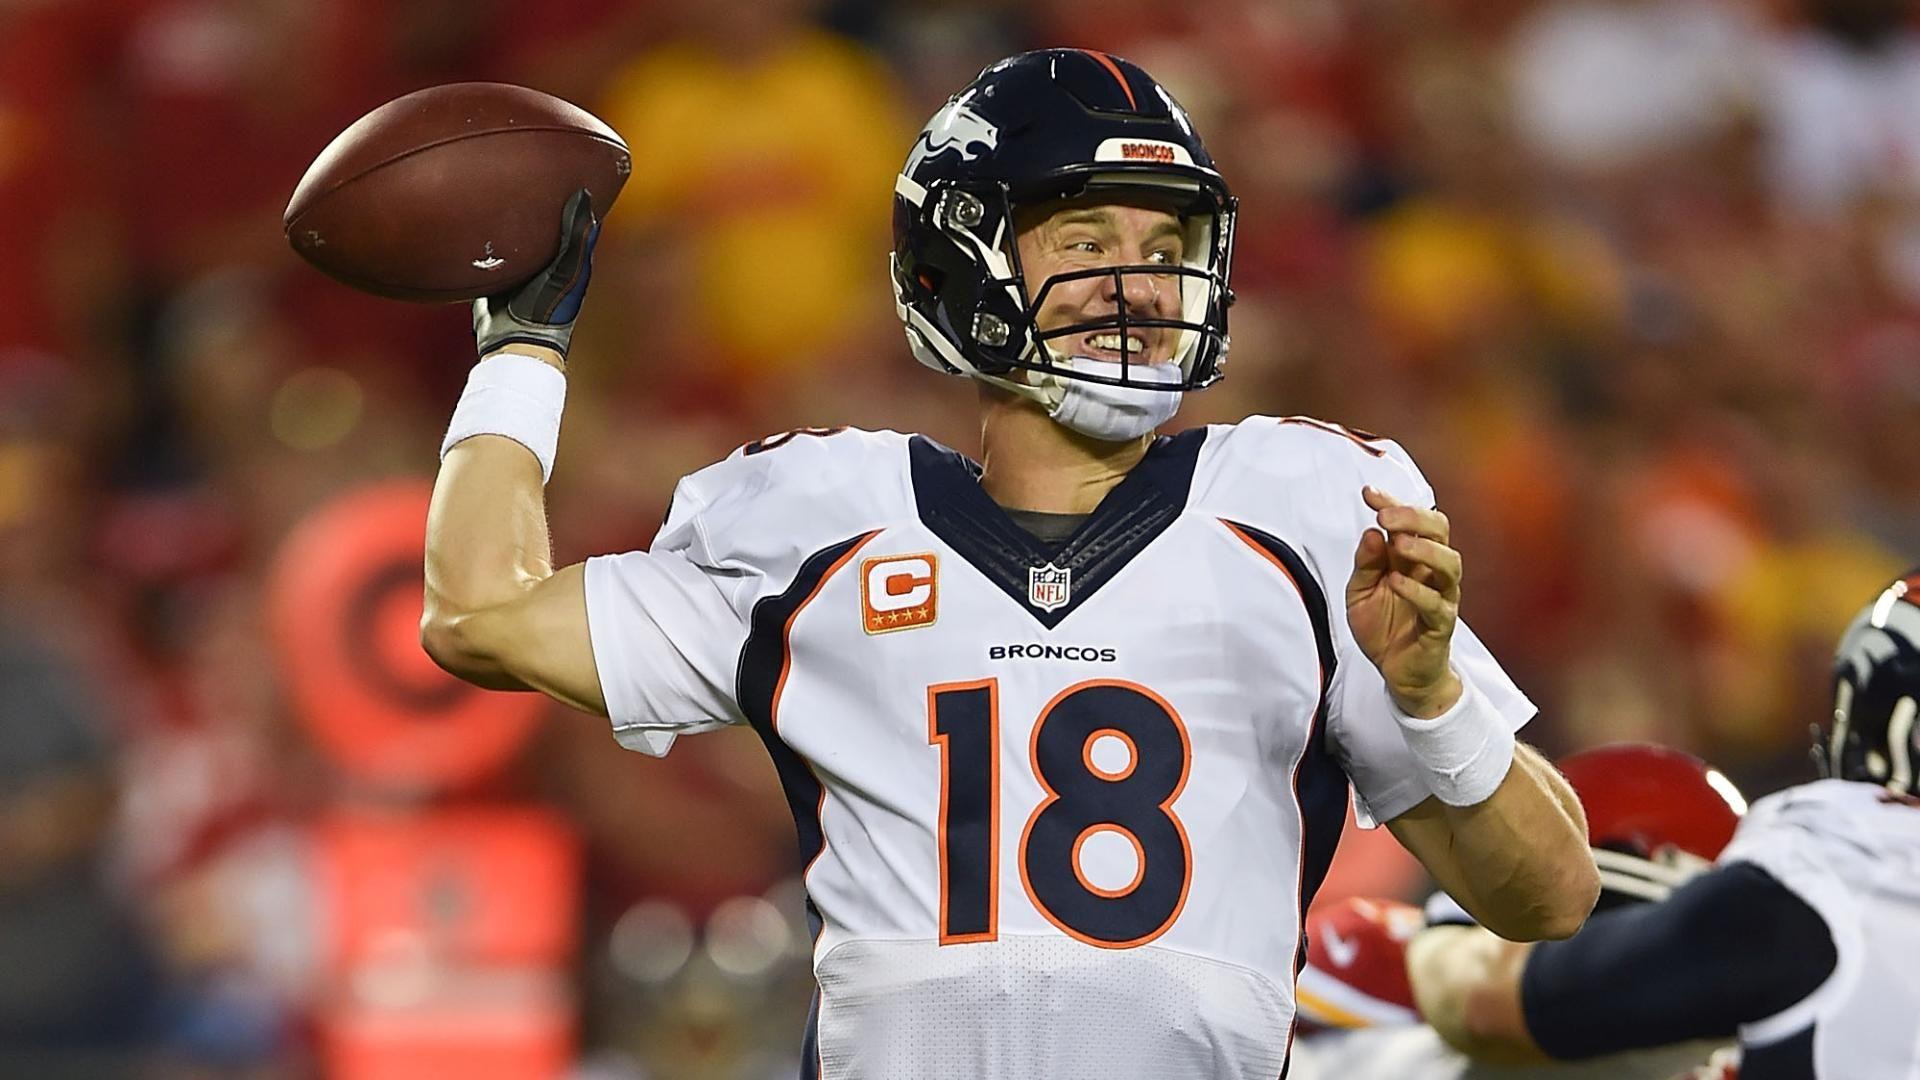 Peyton Manning, Eric Berry awarded game balls